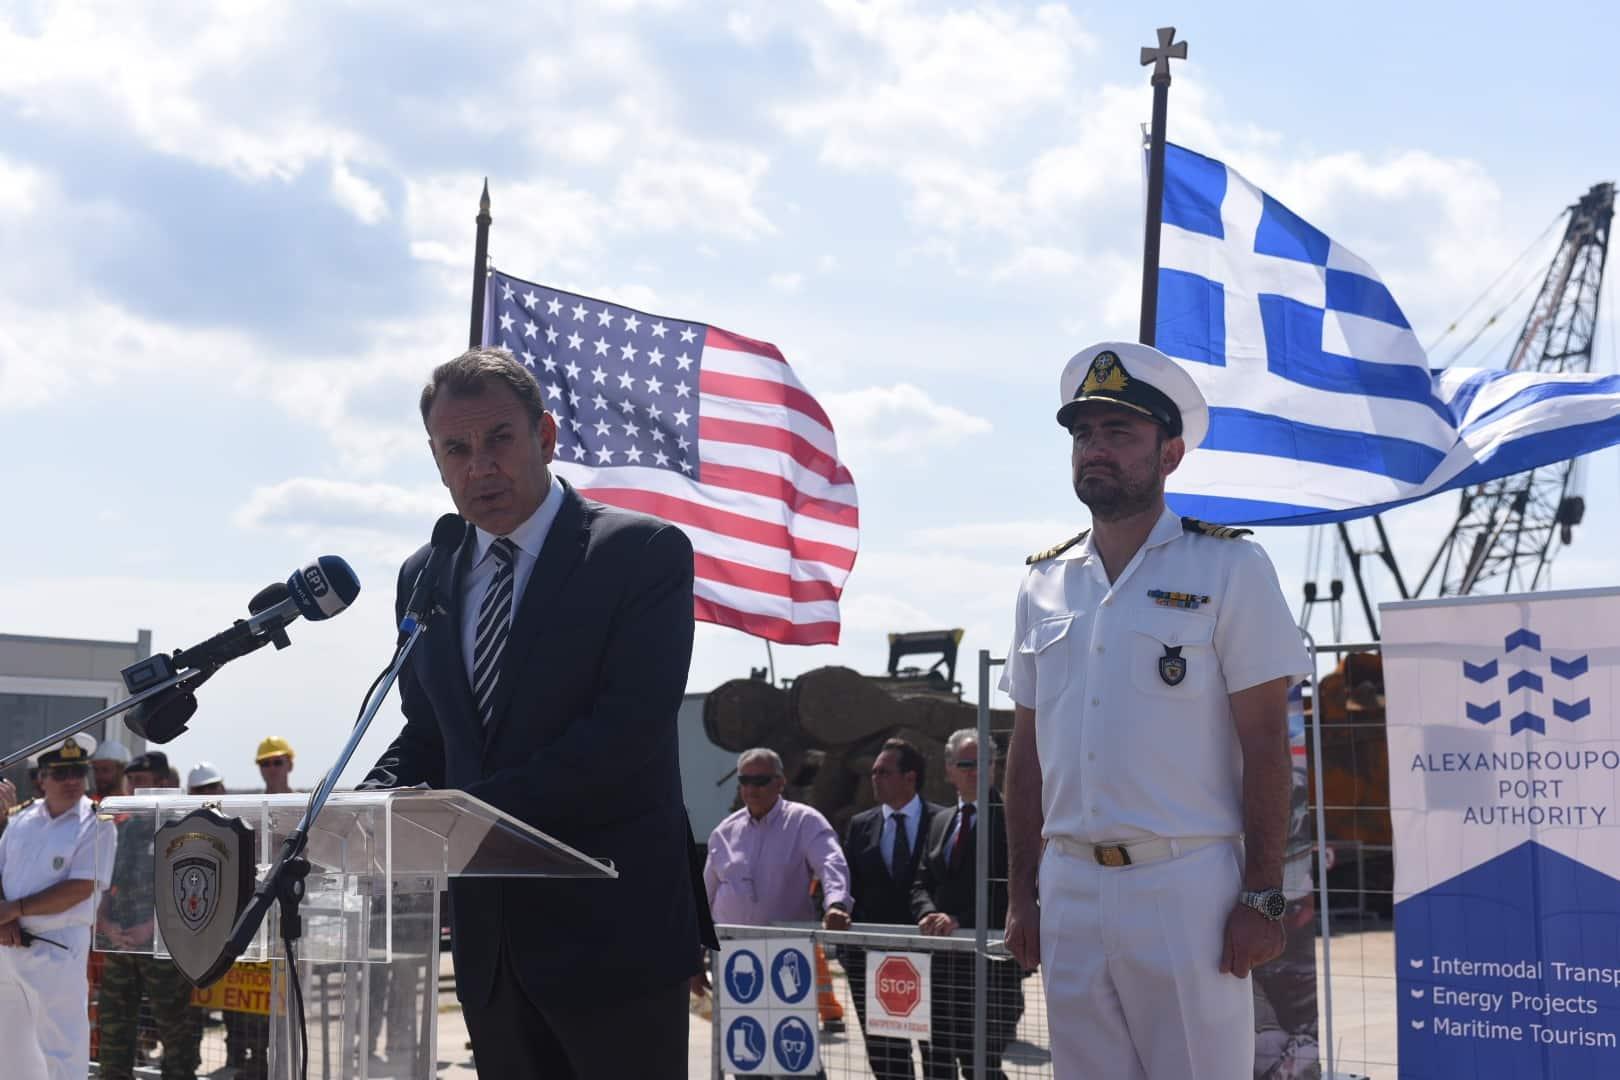 Αμυντική Συμφωνία Ελλάδας - ΗΠΑ: Υπάρχουν δεσμεύσεις εκατέρωθεν; Παναγιωτόπουλος: Η Ελλάδα θα ενδυναμώσει την σχέση με τις ΗΠΑ